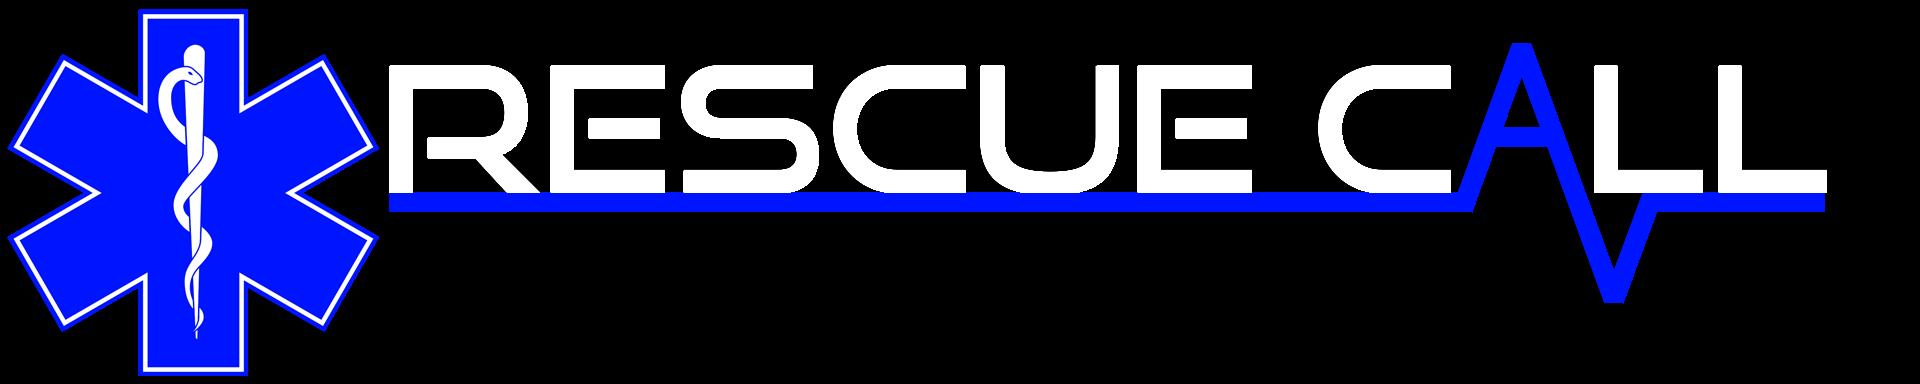 Rescuecall